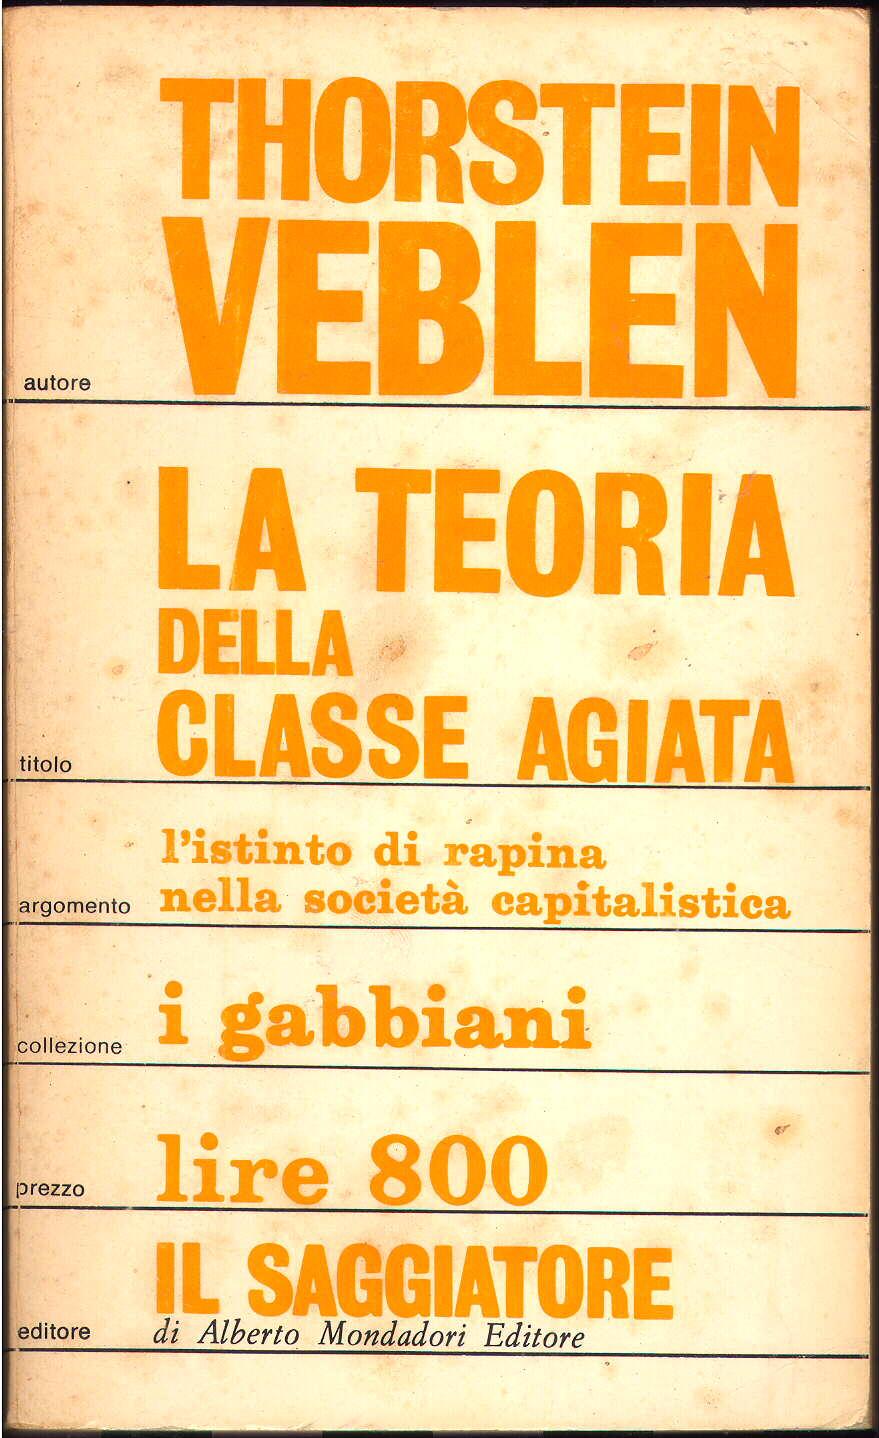 Teoria della classe agiata